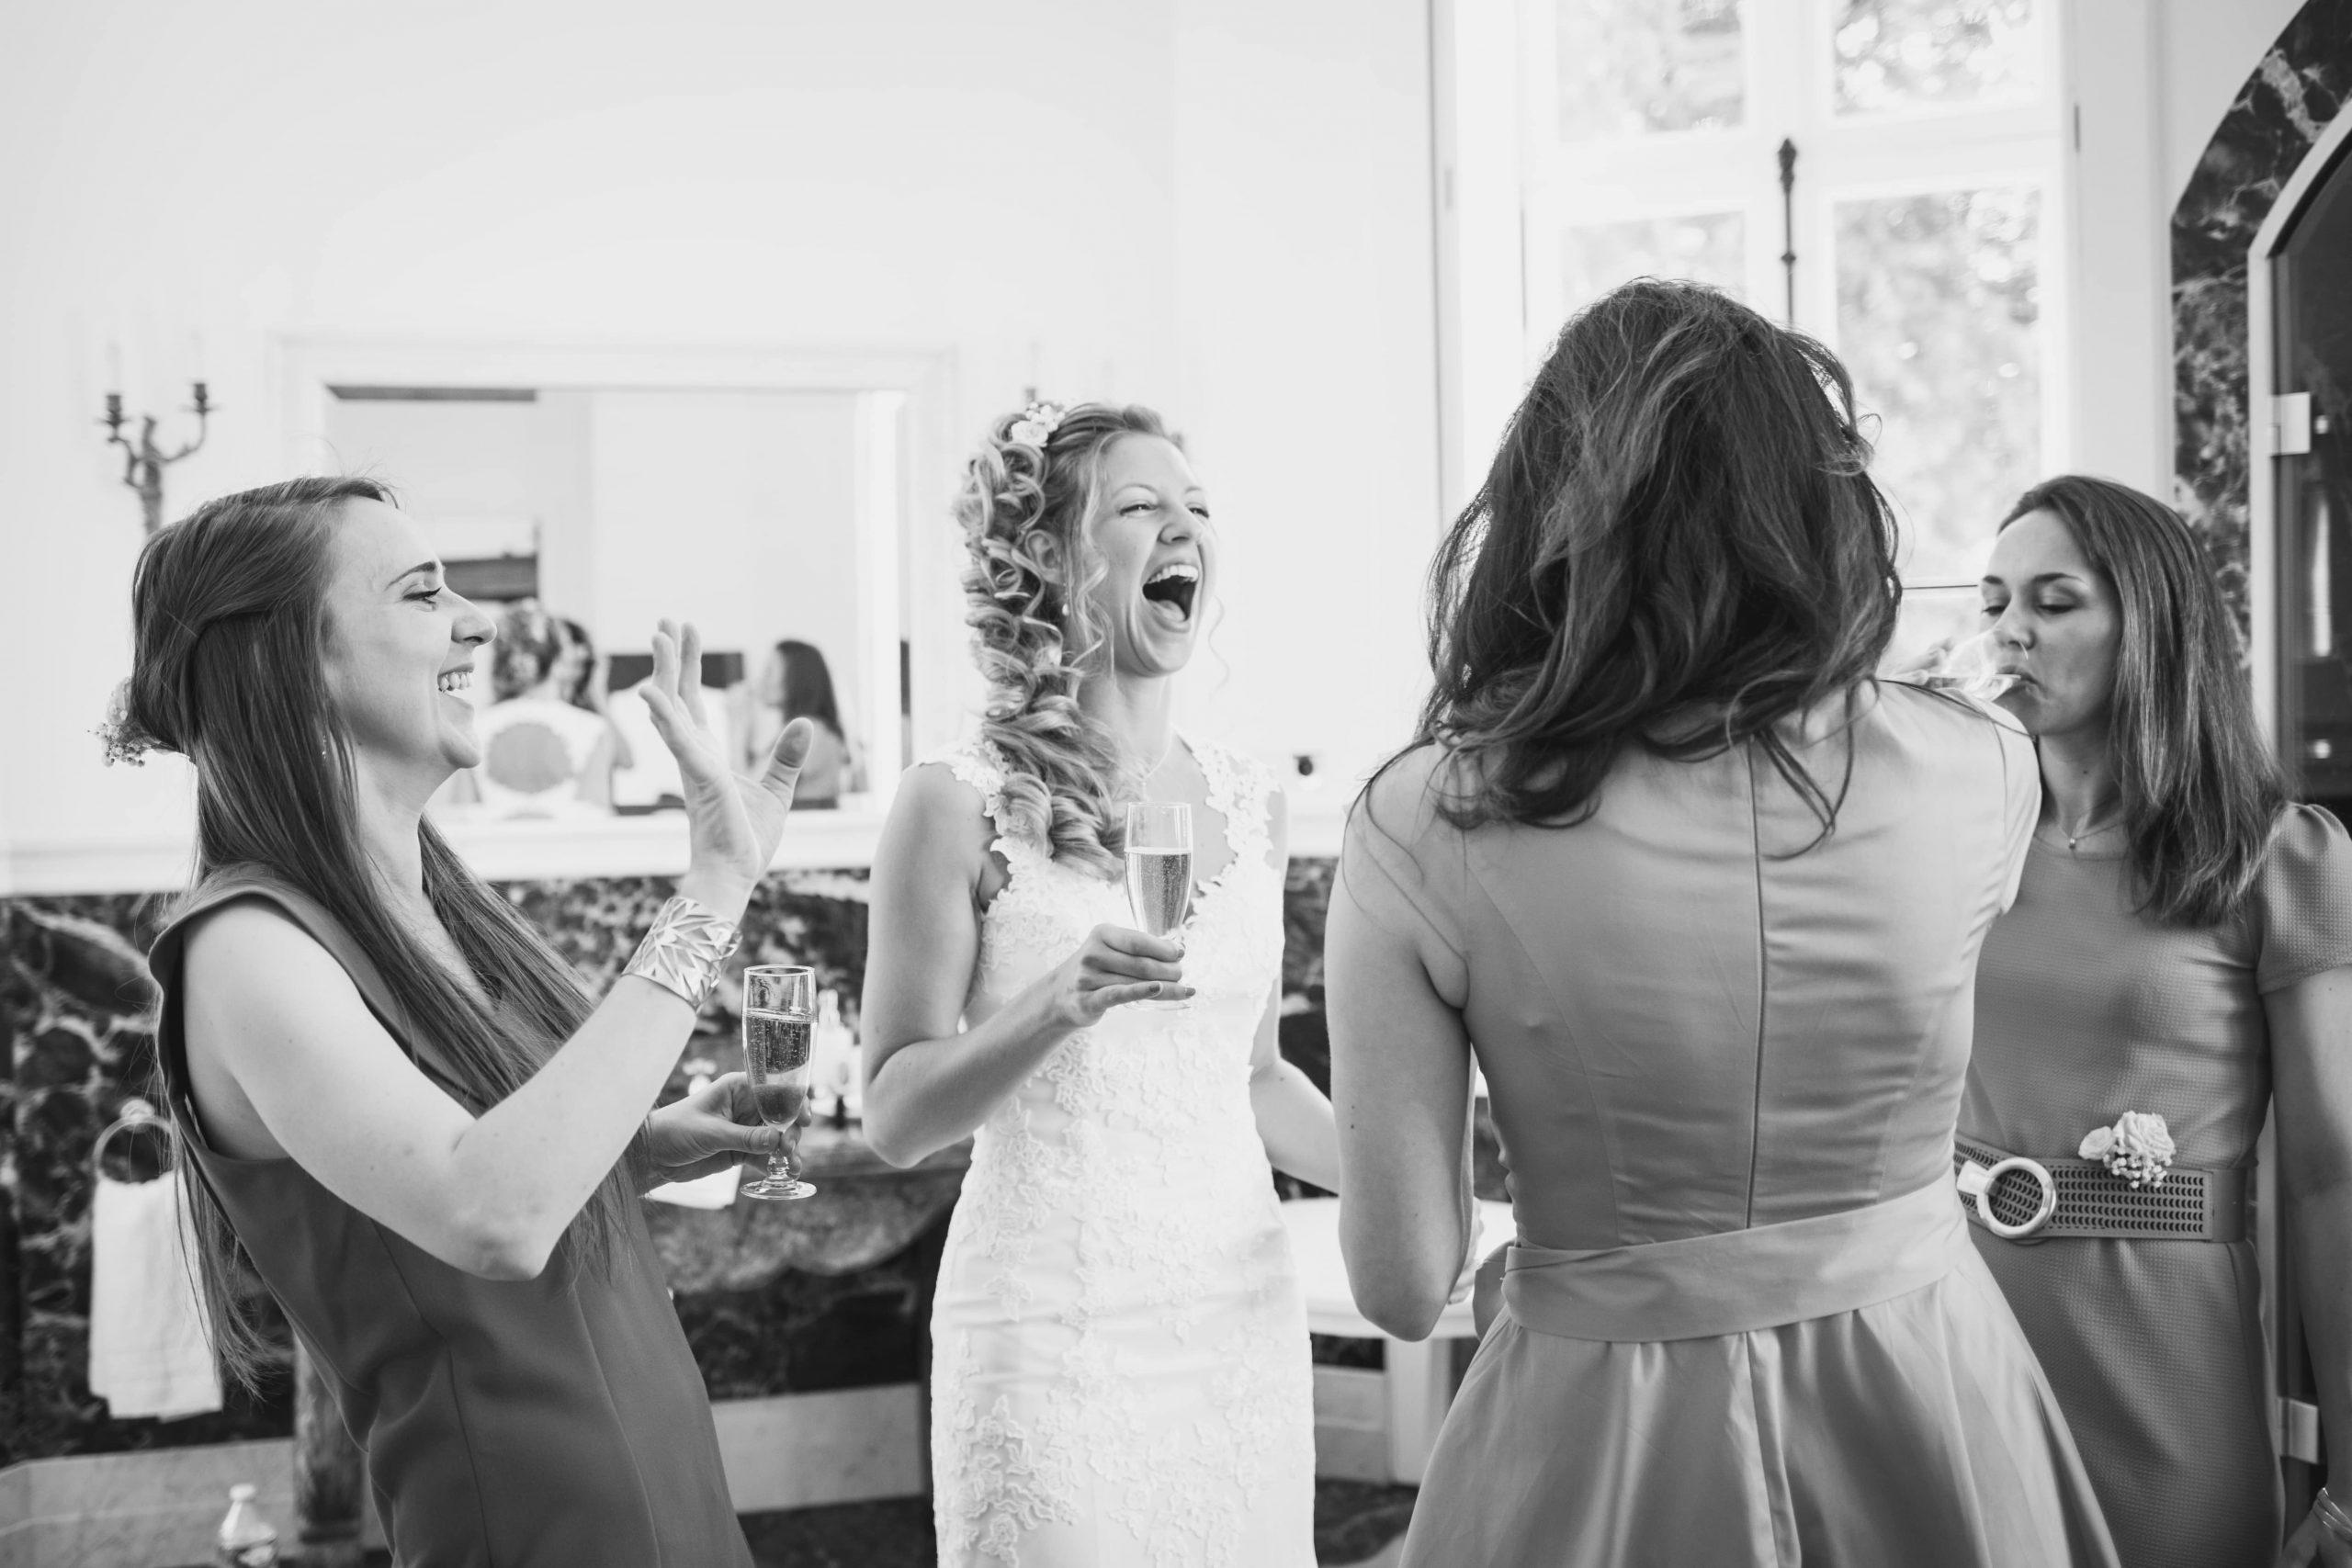 Photo prise sur le vif de la mariée et ses demoiselles d'honneur